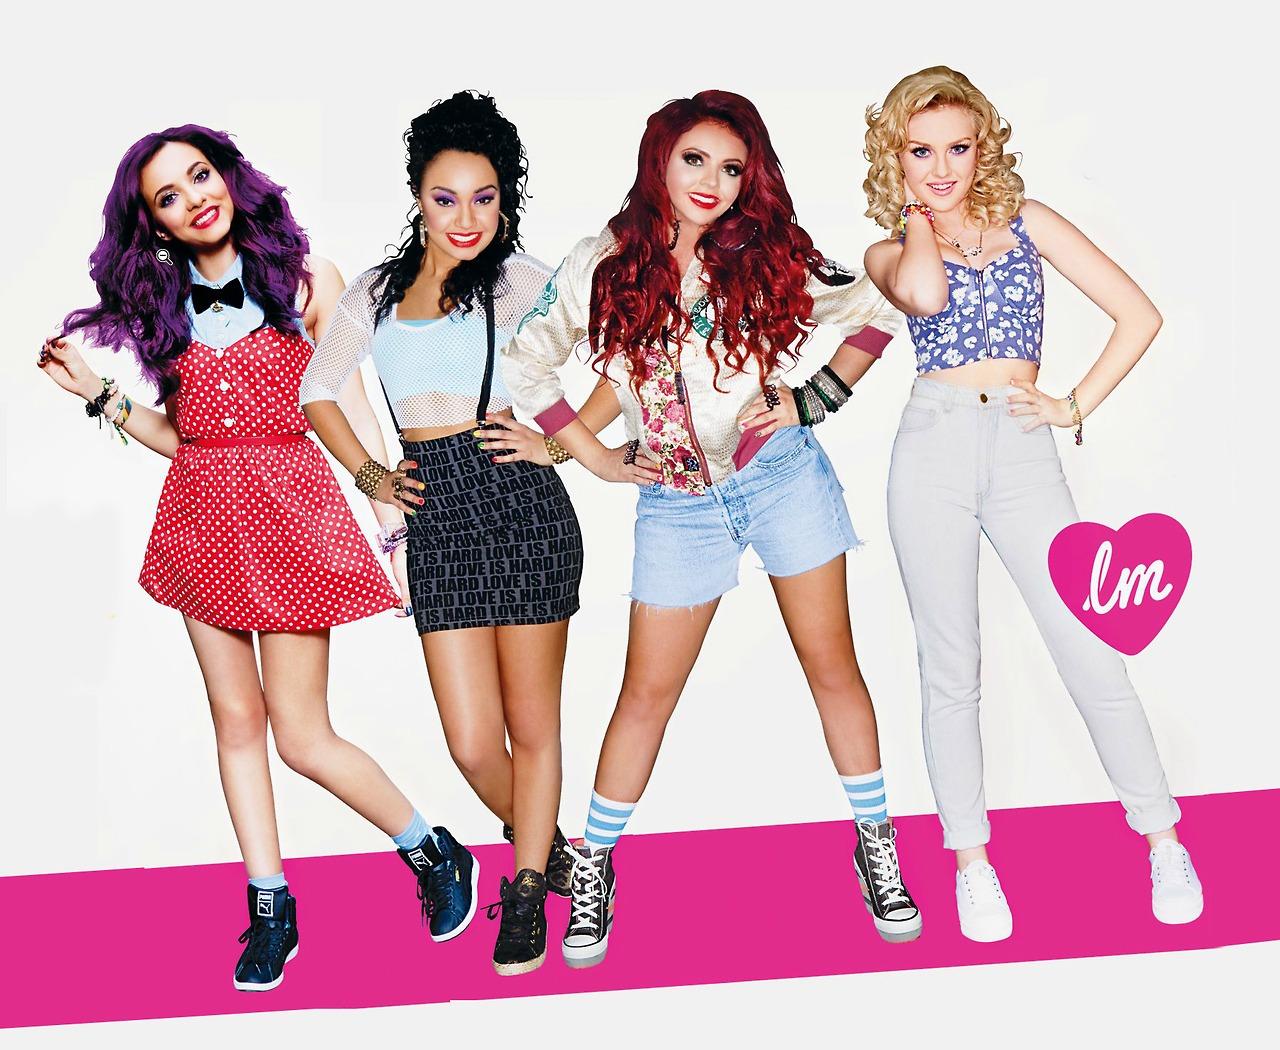 el grupo de las chicas: